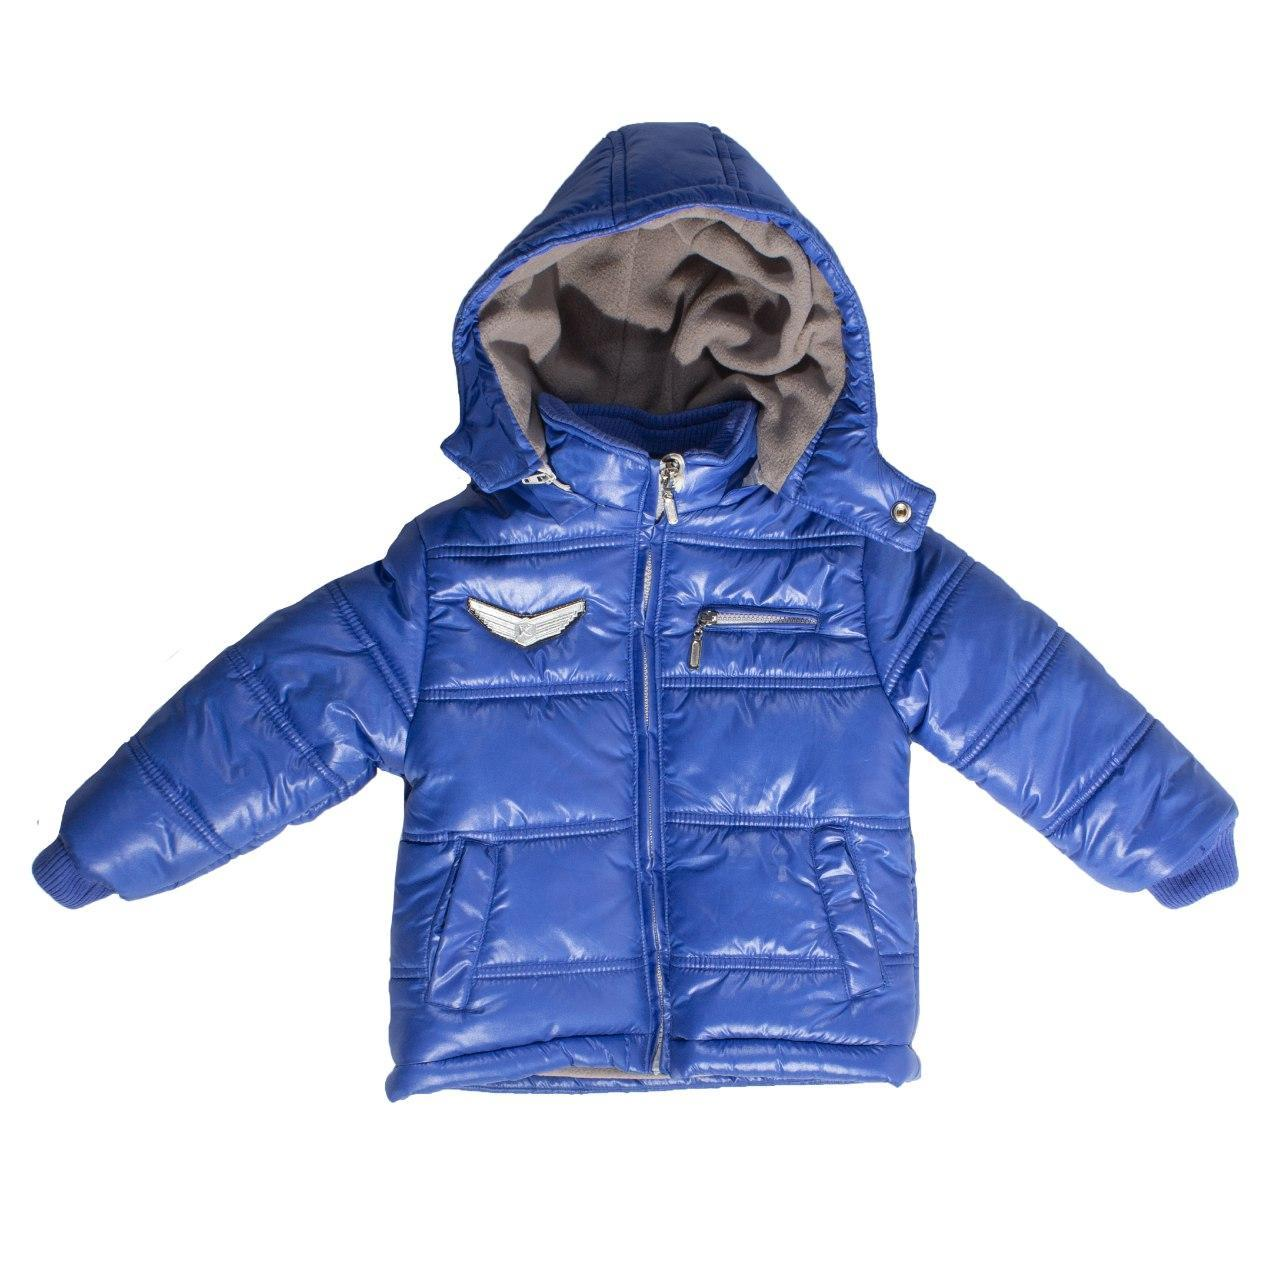 Зимняя куртка для мальчика, еврозима, размер 5 лет